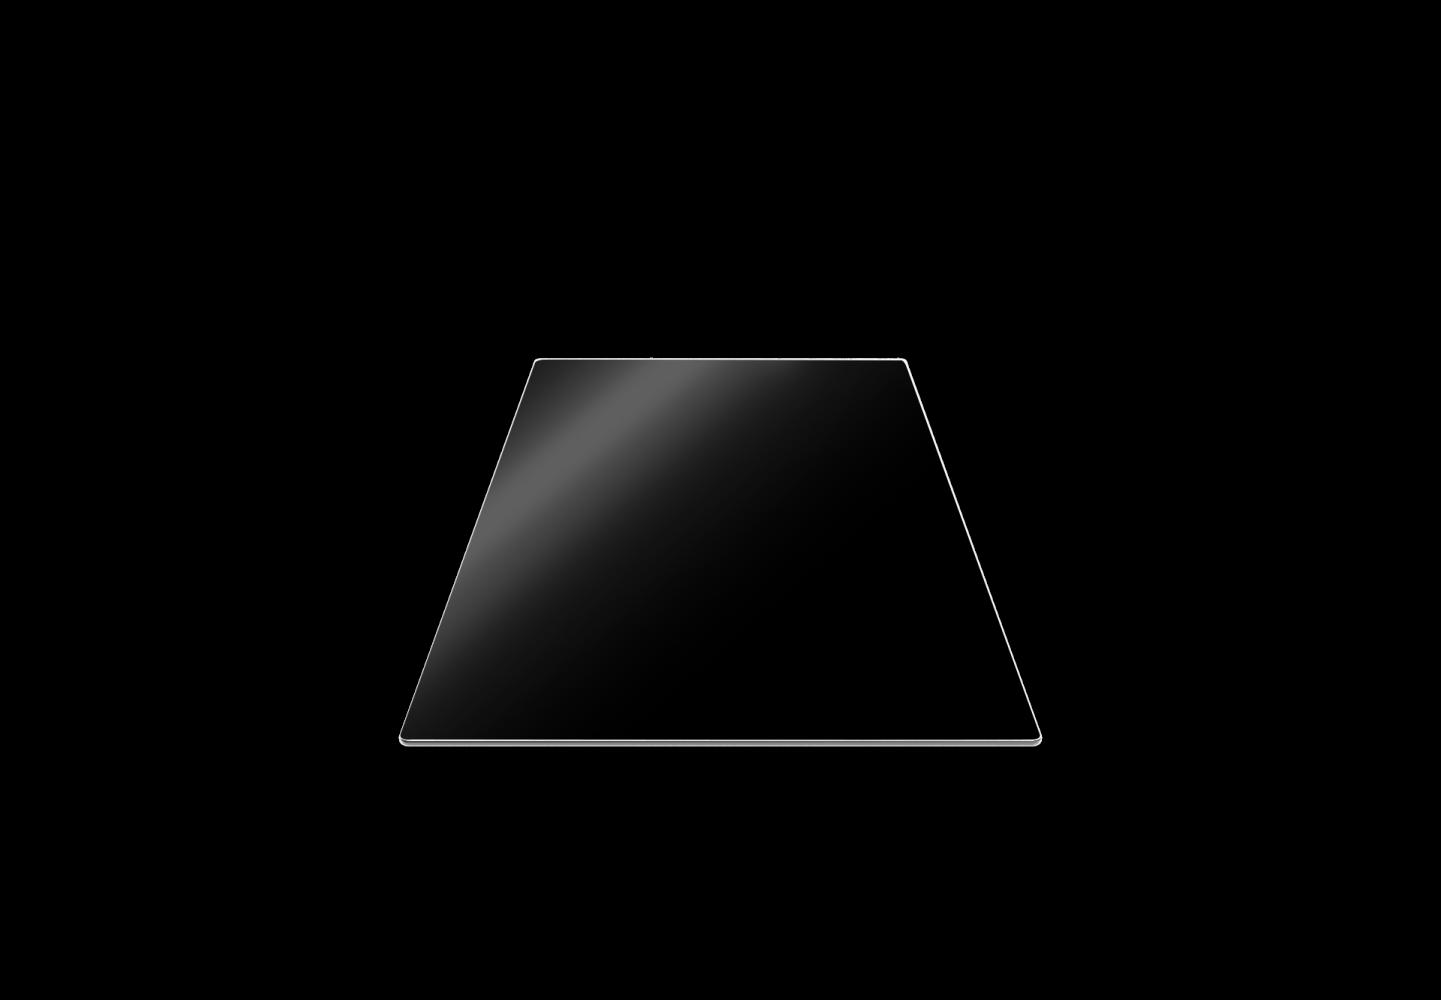 Planches de protection pour plaques de cuisson